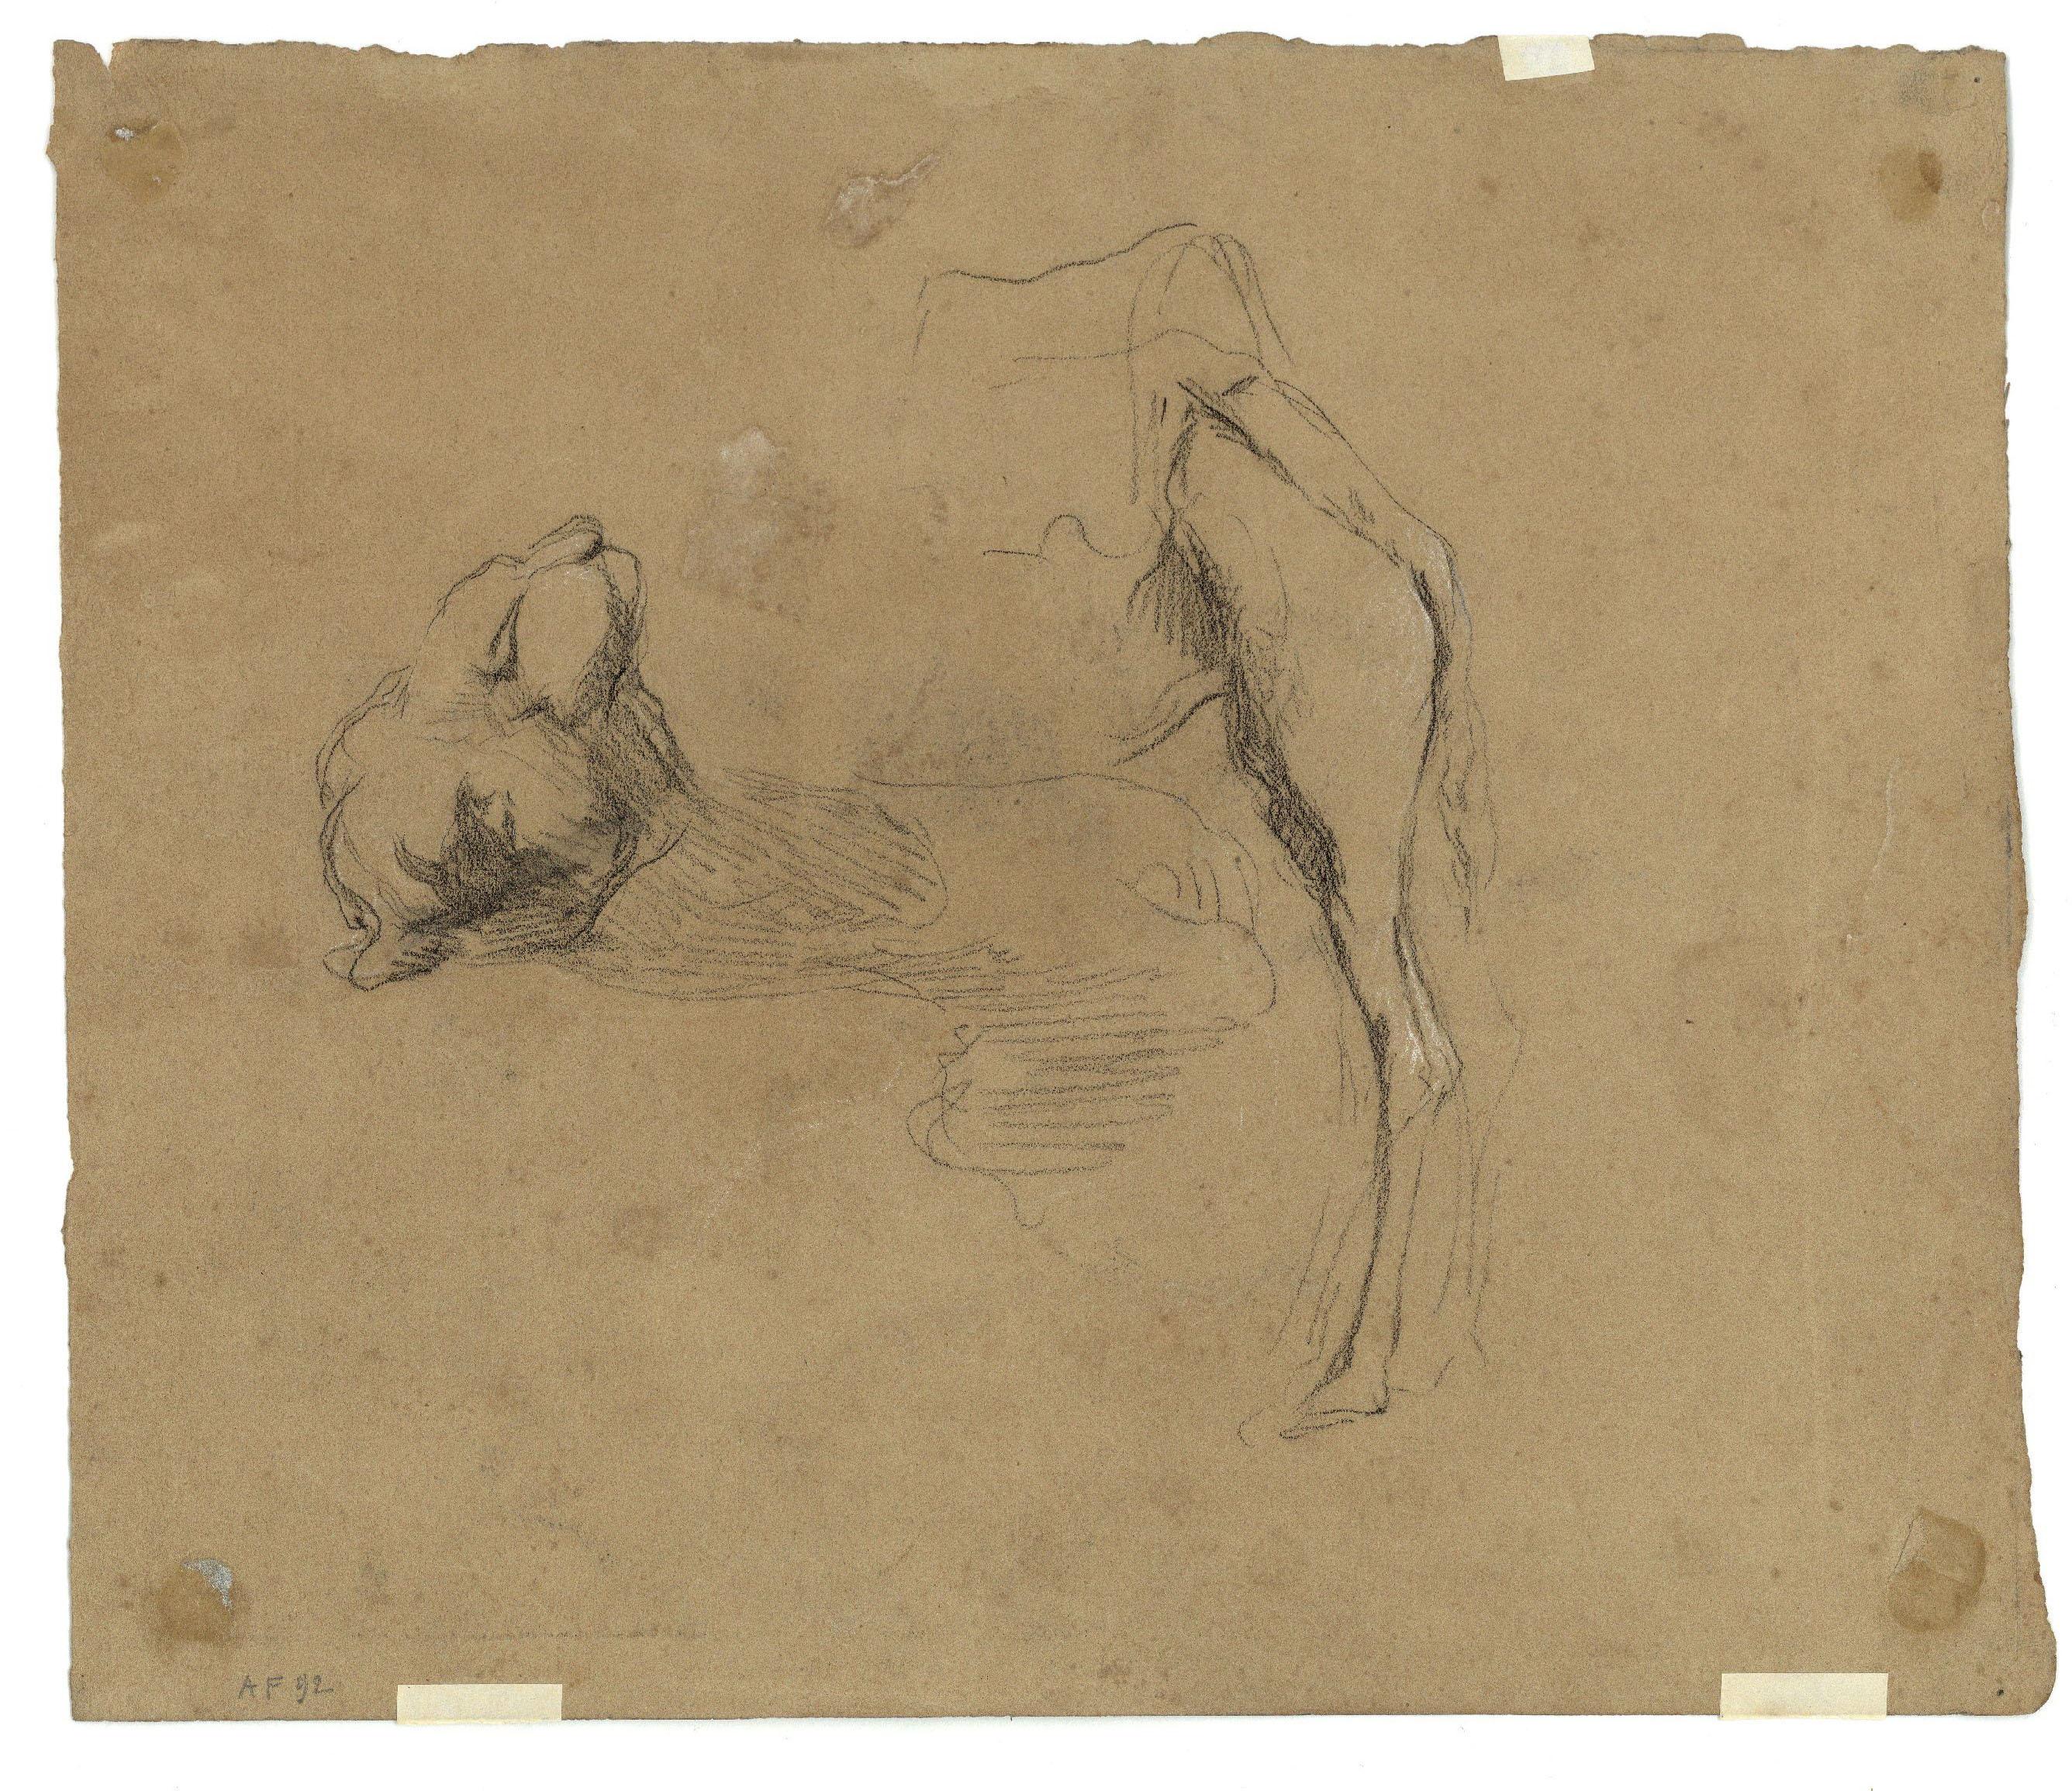 Marià Fortuny - Cap de camell i ruc (anvers) / Estudi de camell (revers) - Cap a 1862 [1]